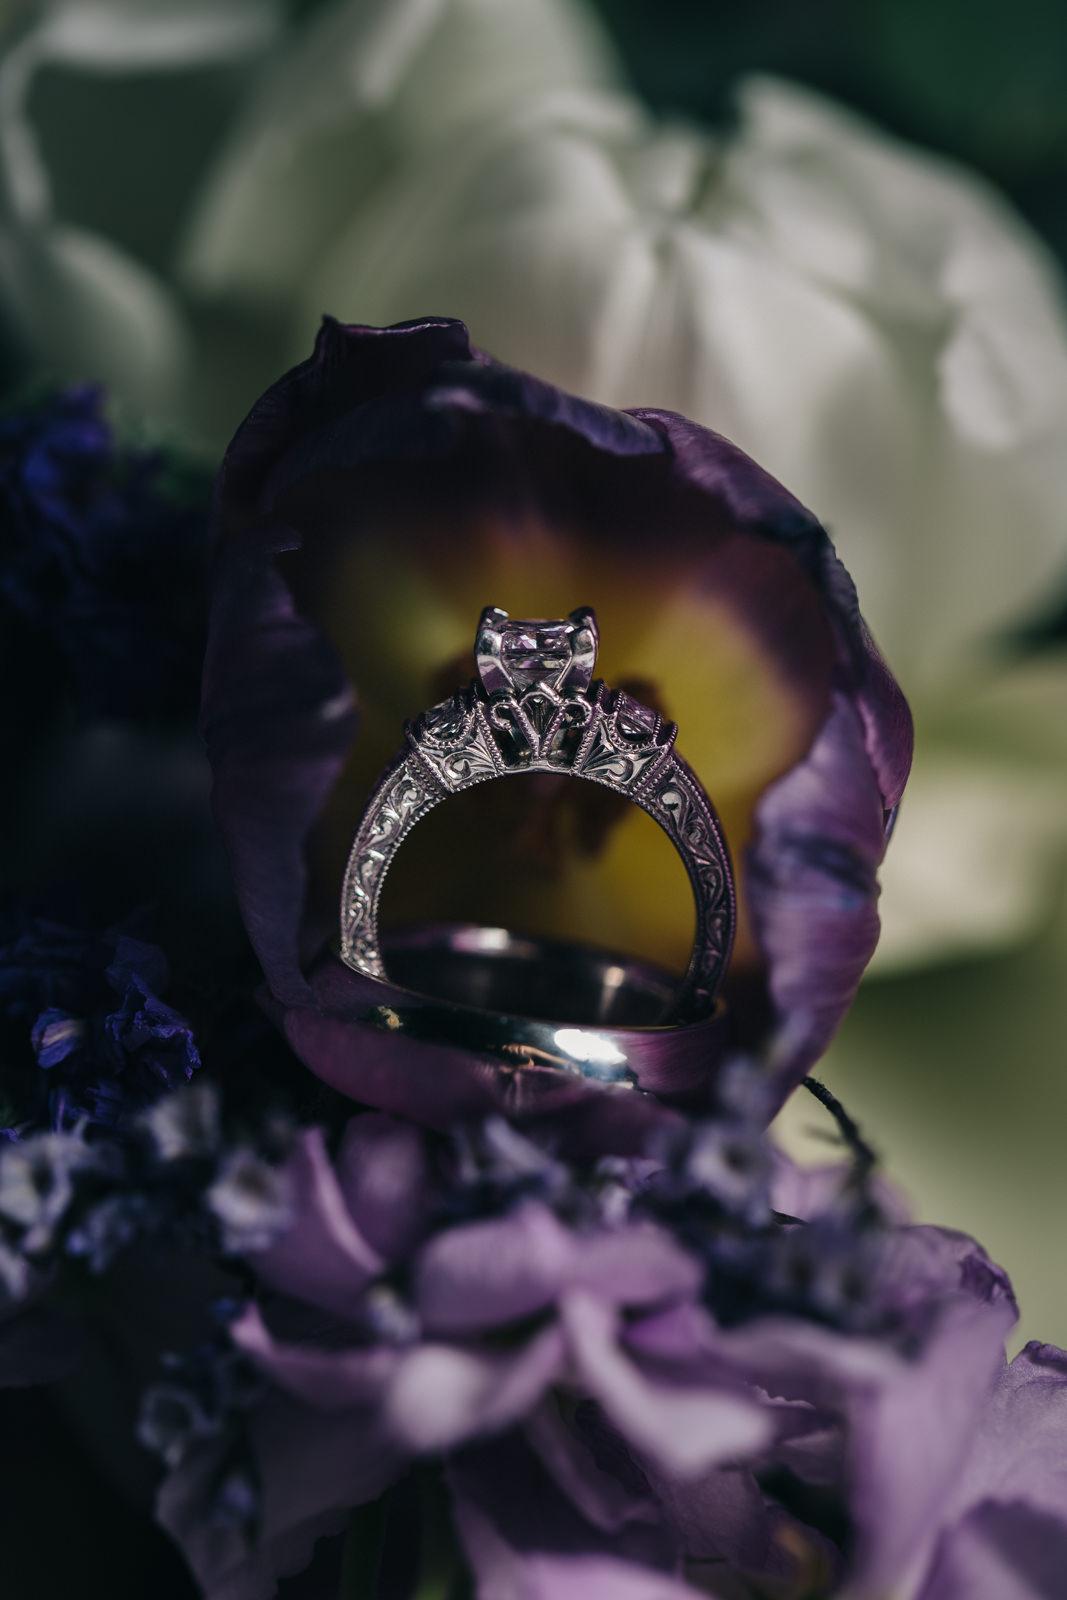 Vintage detailed wedding ring.